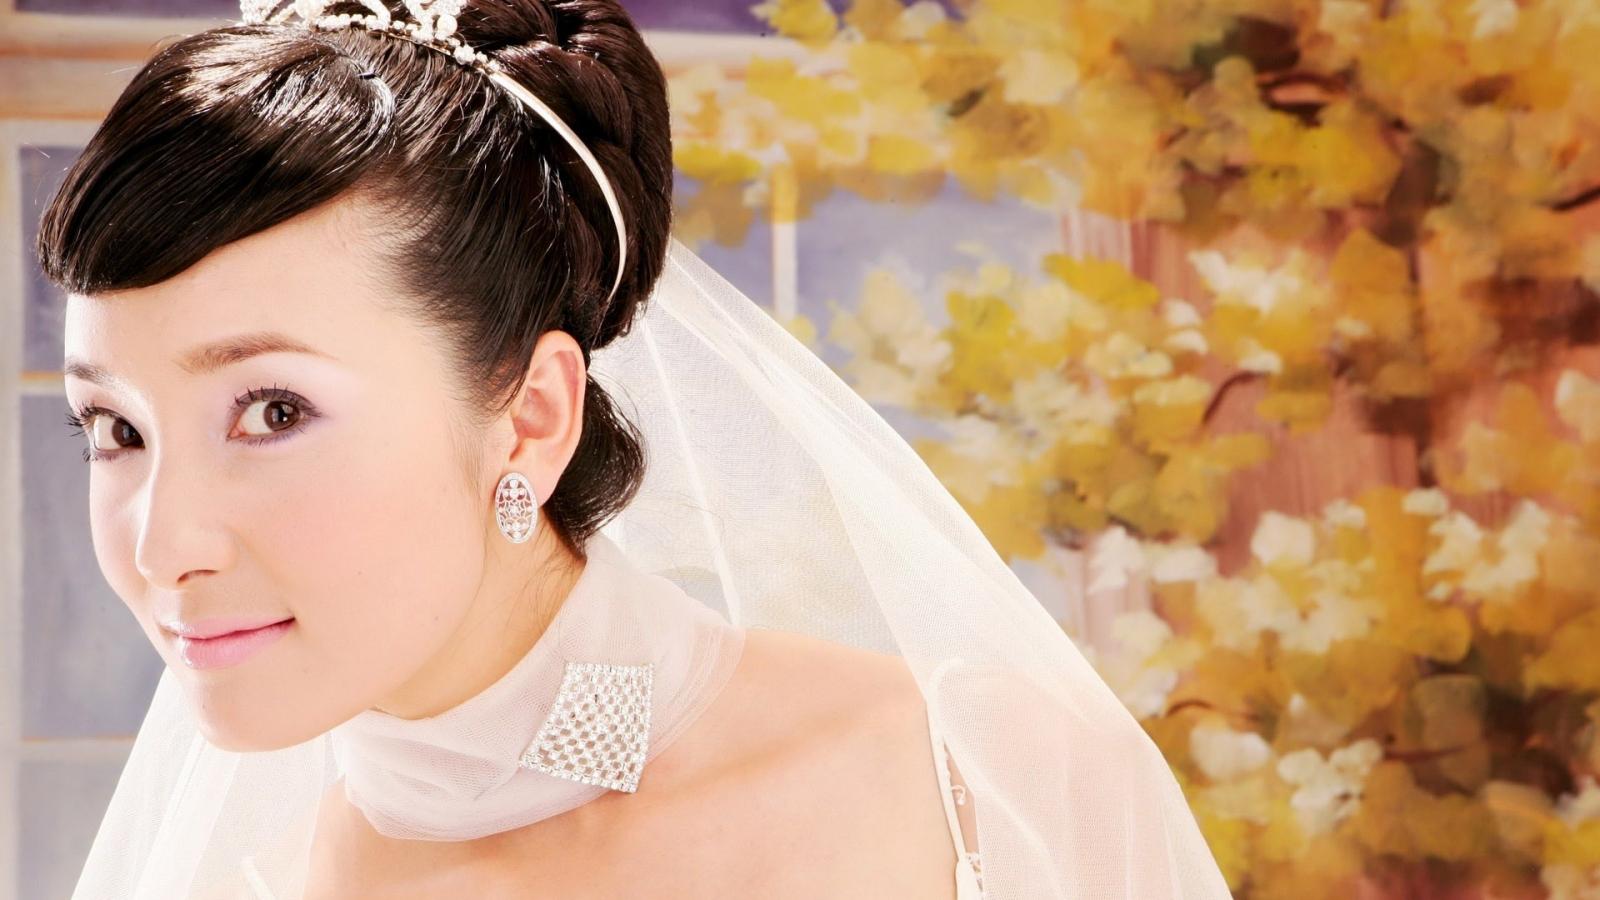 Peinado de novia asiática - 1600x900